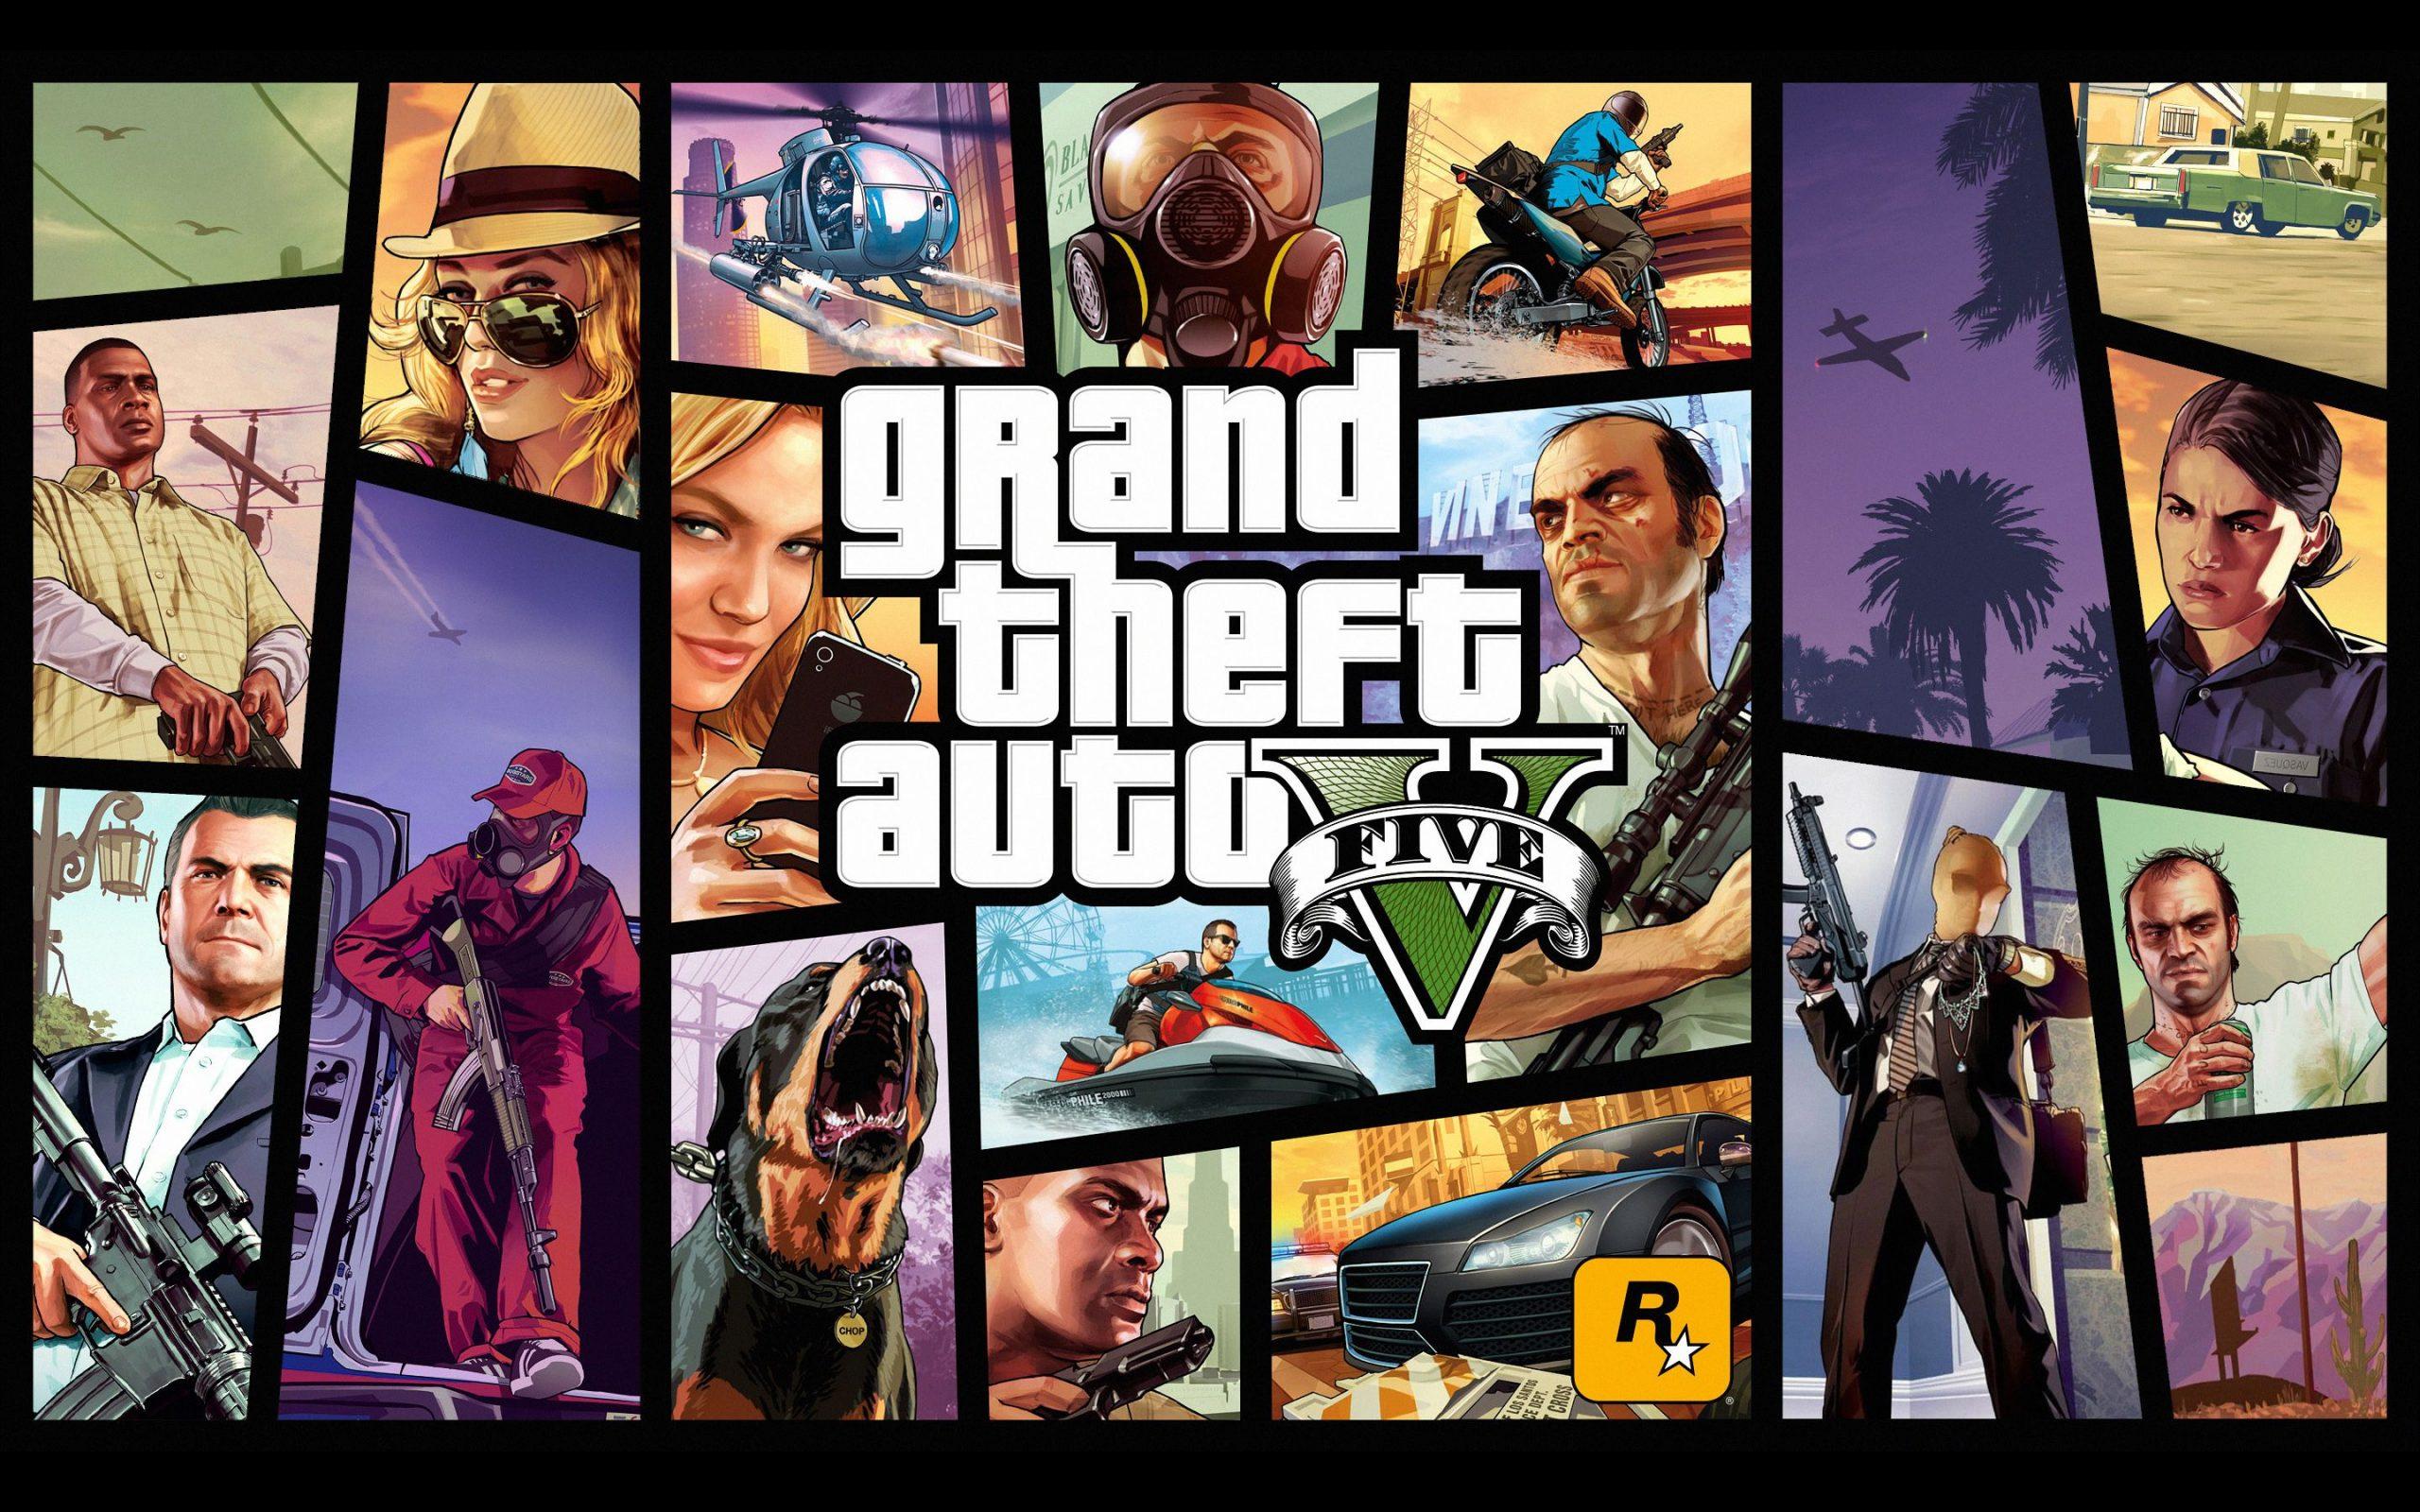 10 CRIME RELATED GAMES LIKE GTA